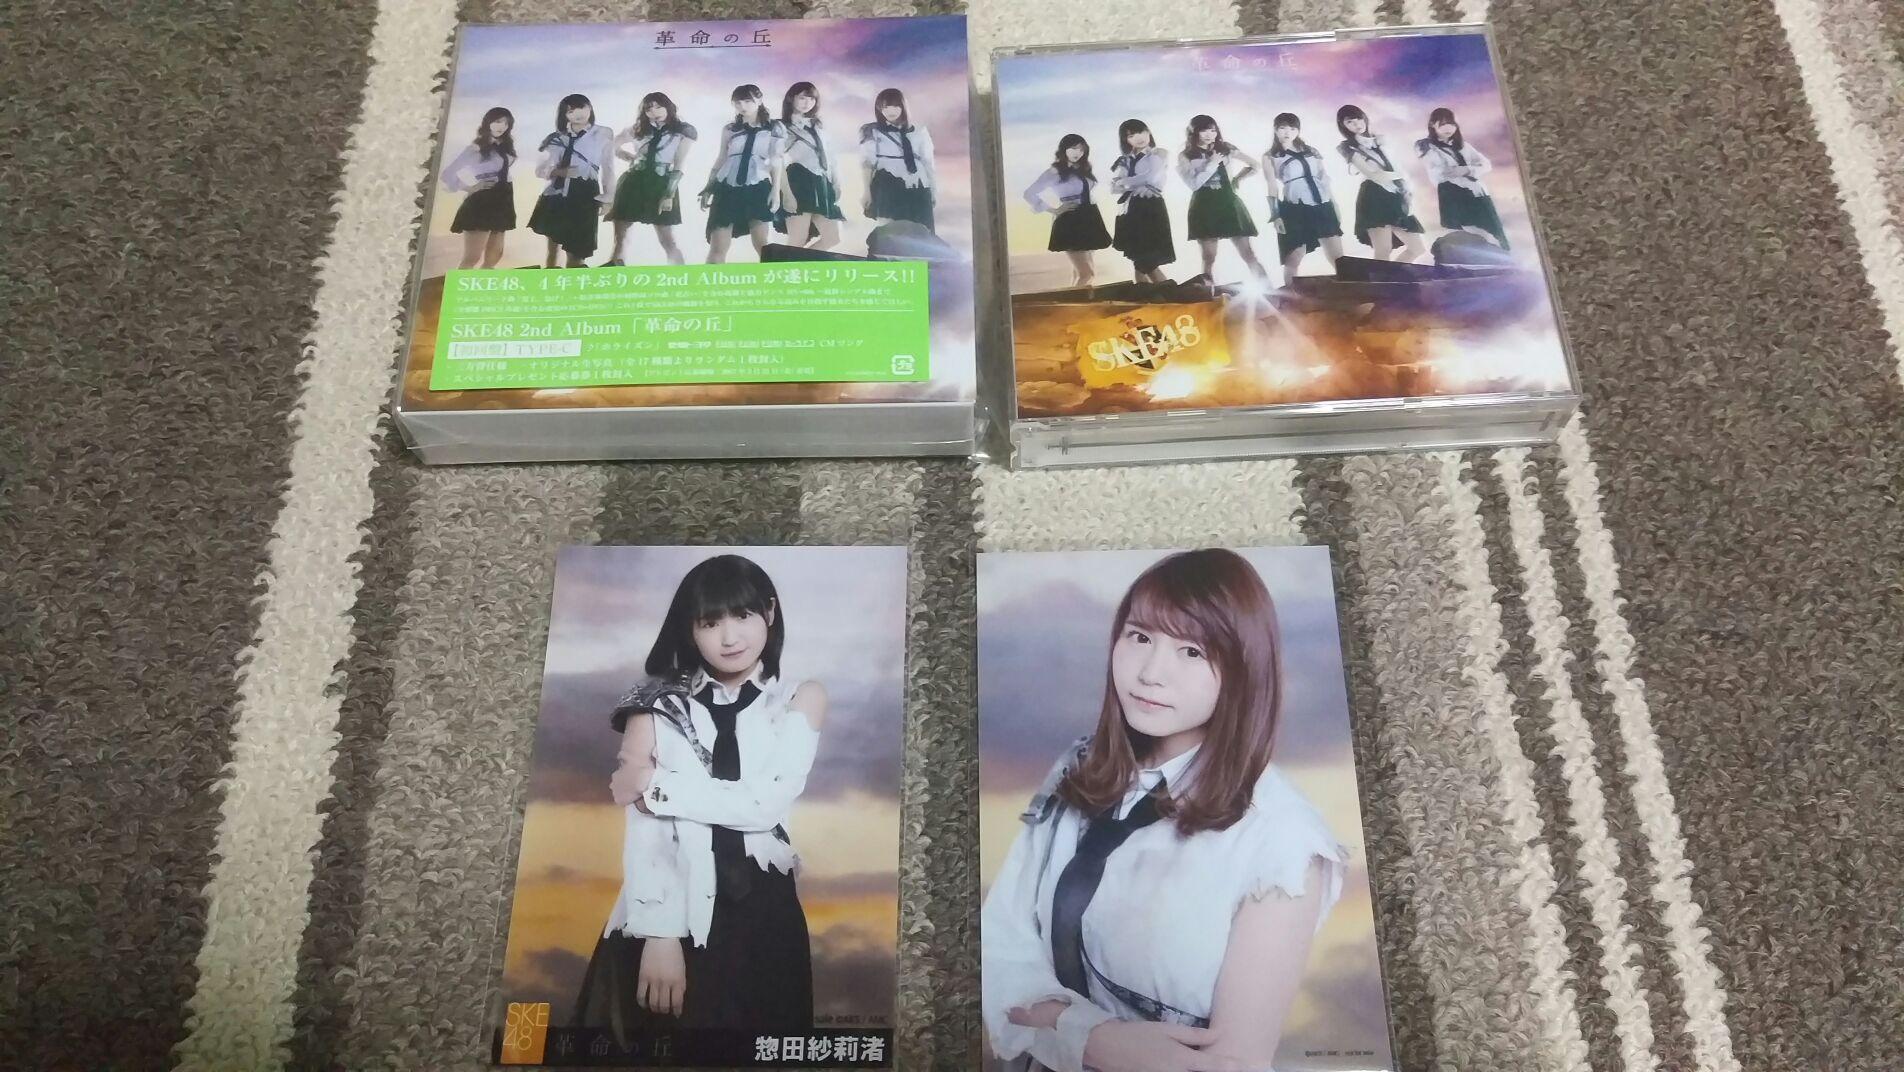 SKE.2ndアルバムを発売